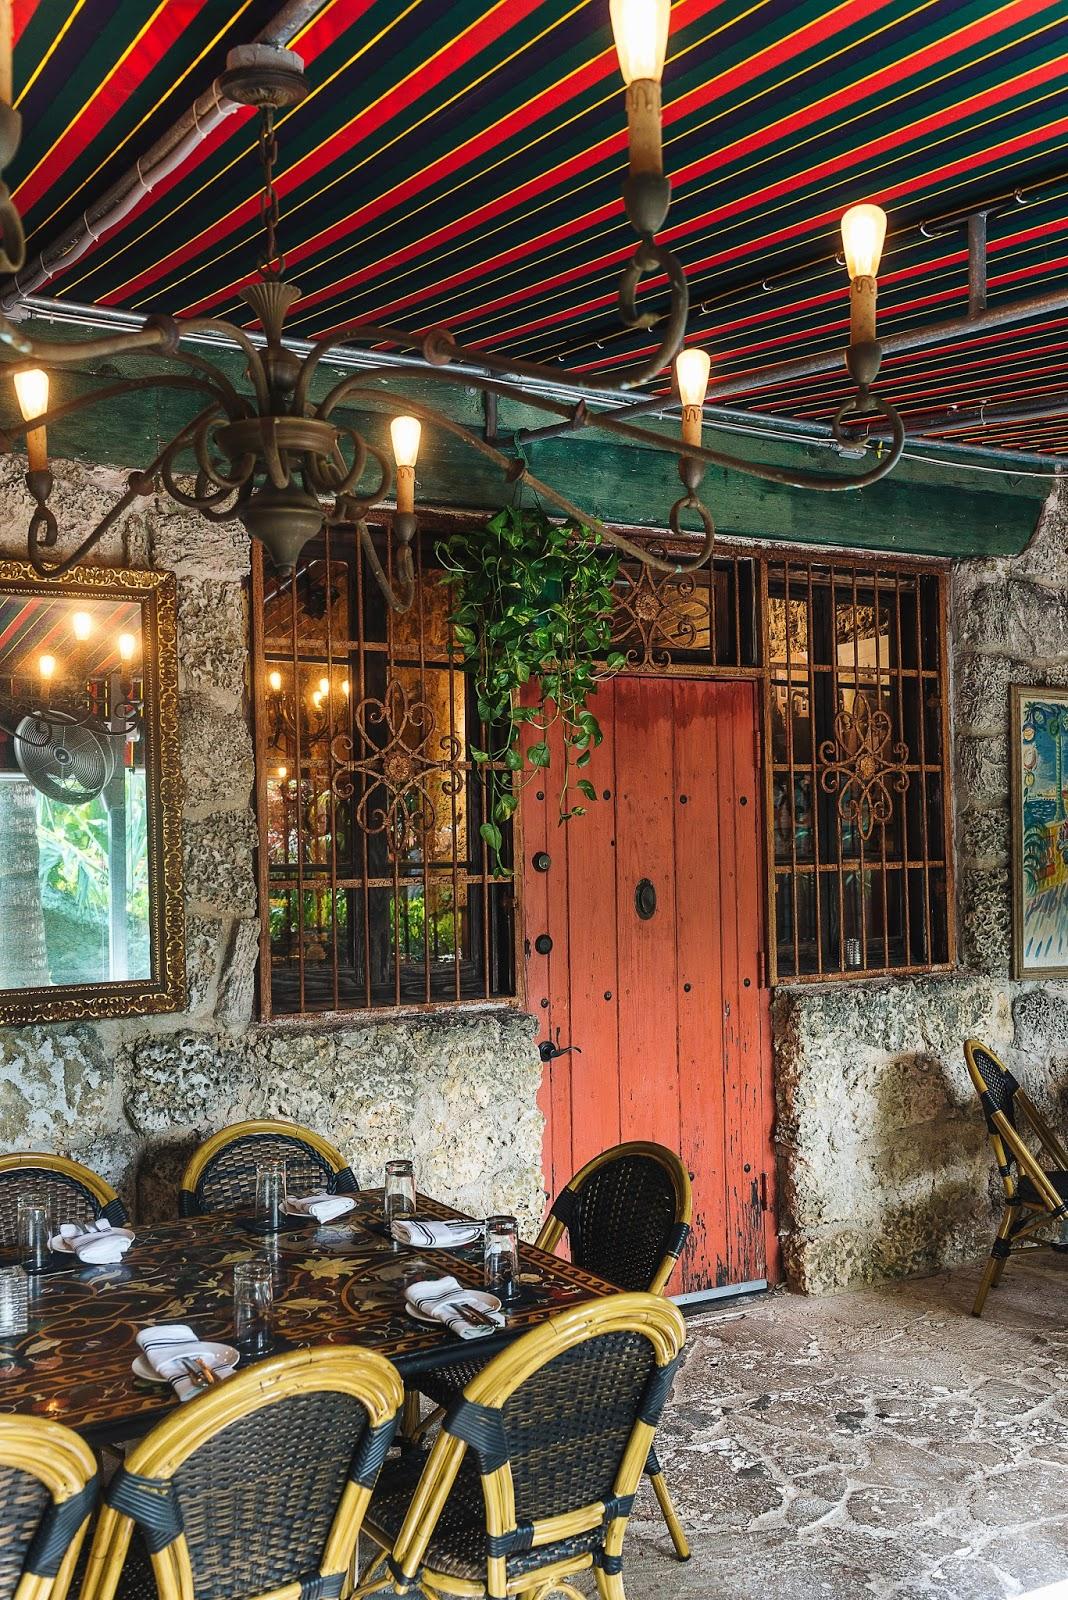 Arte Boheme, Miami Blogger, Cafe Roval